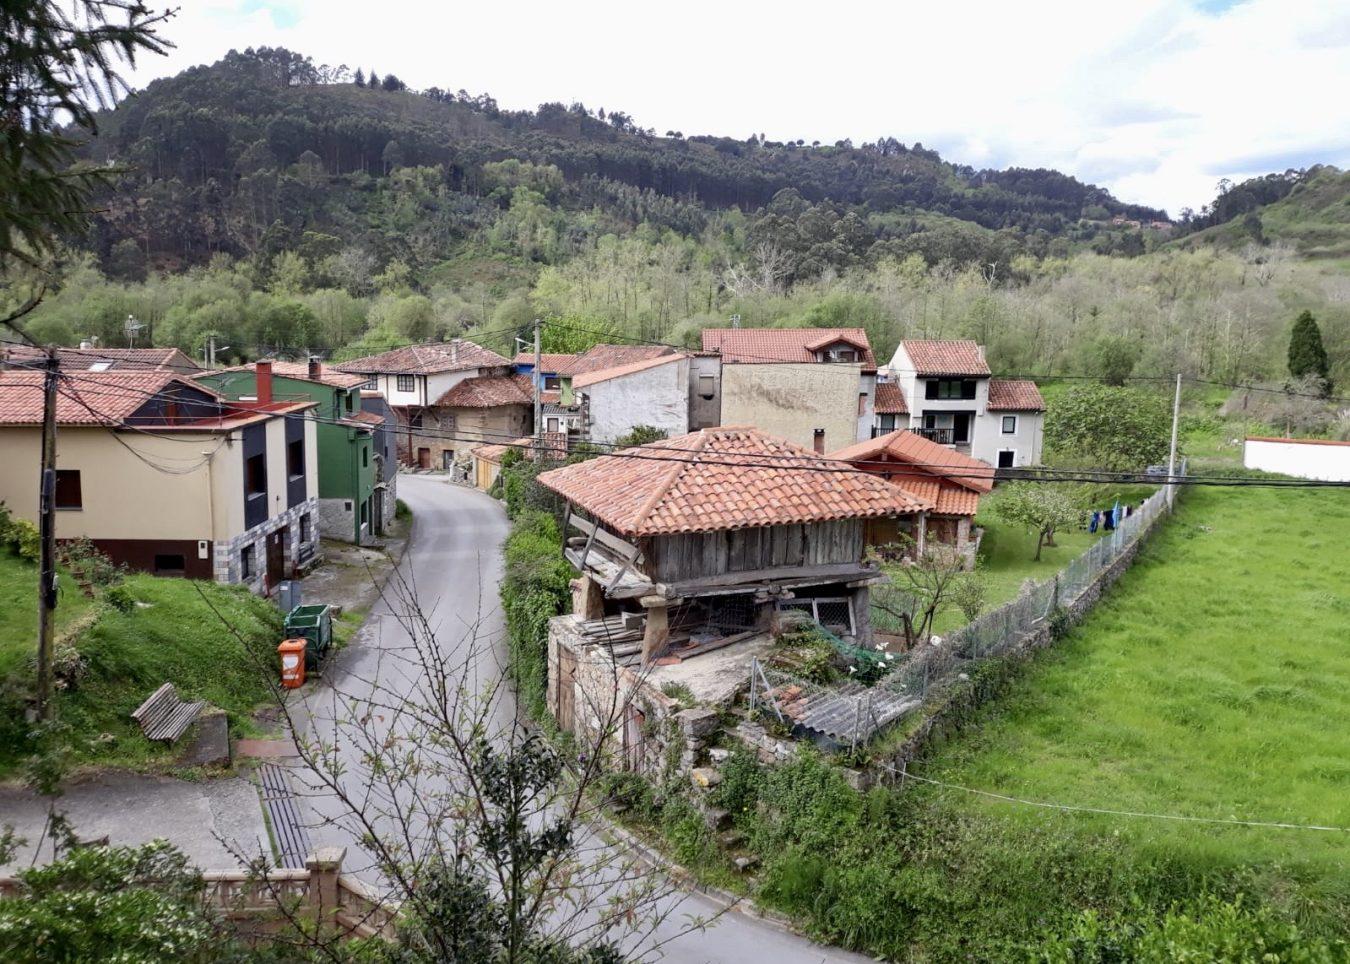 Adjudicadas en 495.000 euros las obras para construir la Estación Depuradora de Vega (Ribadesella)